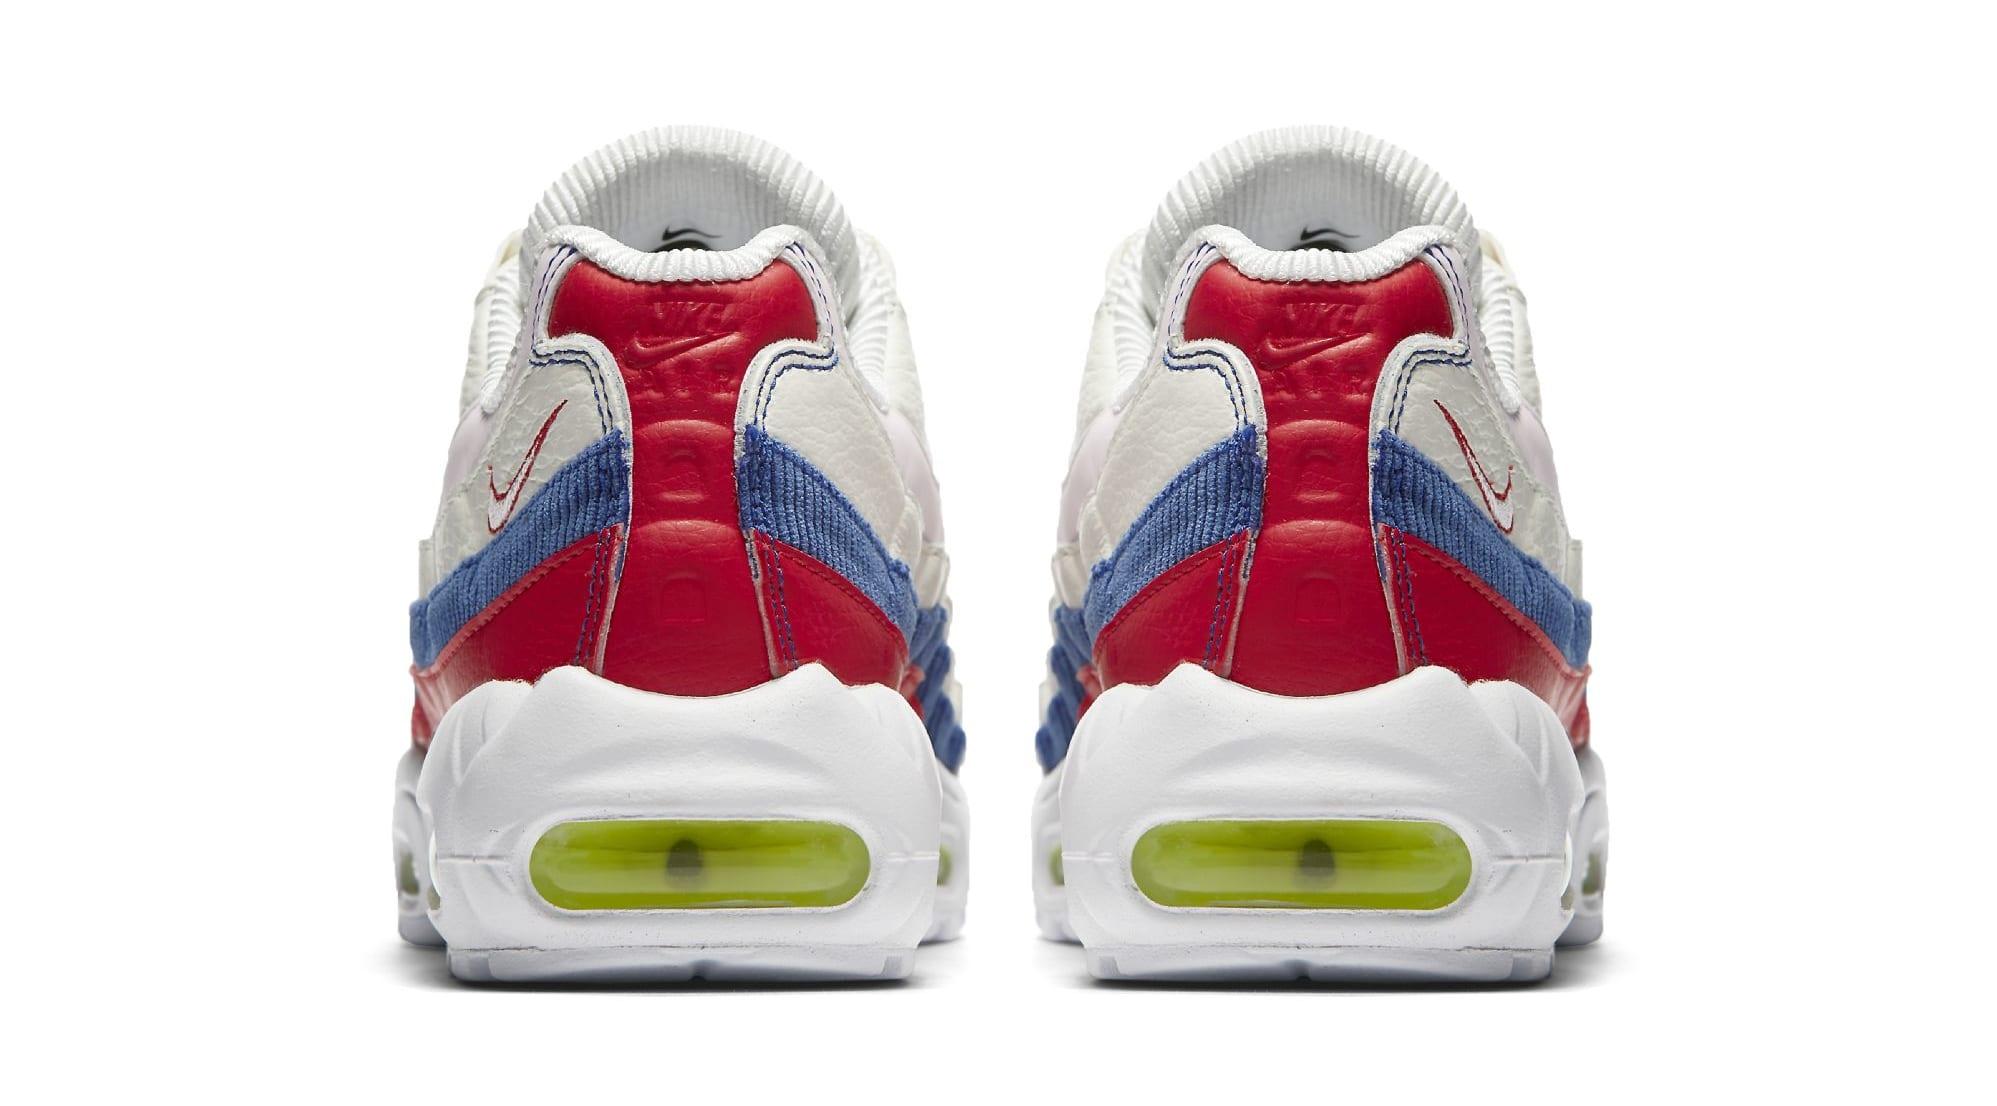 WMNS Nike Air Max 95 Panache (Heel)